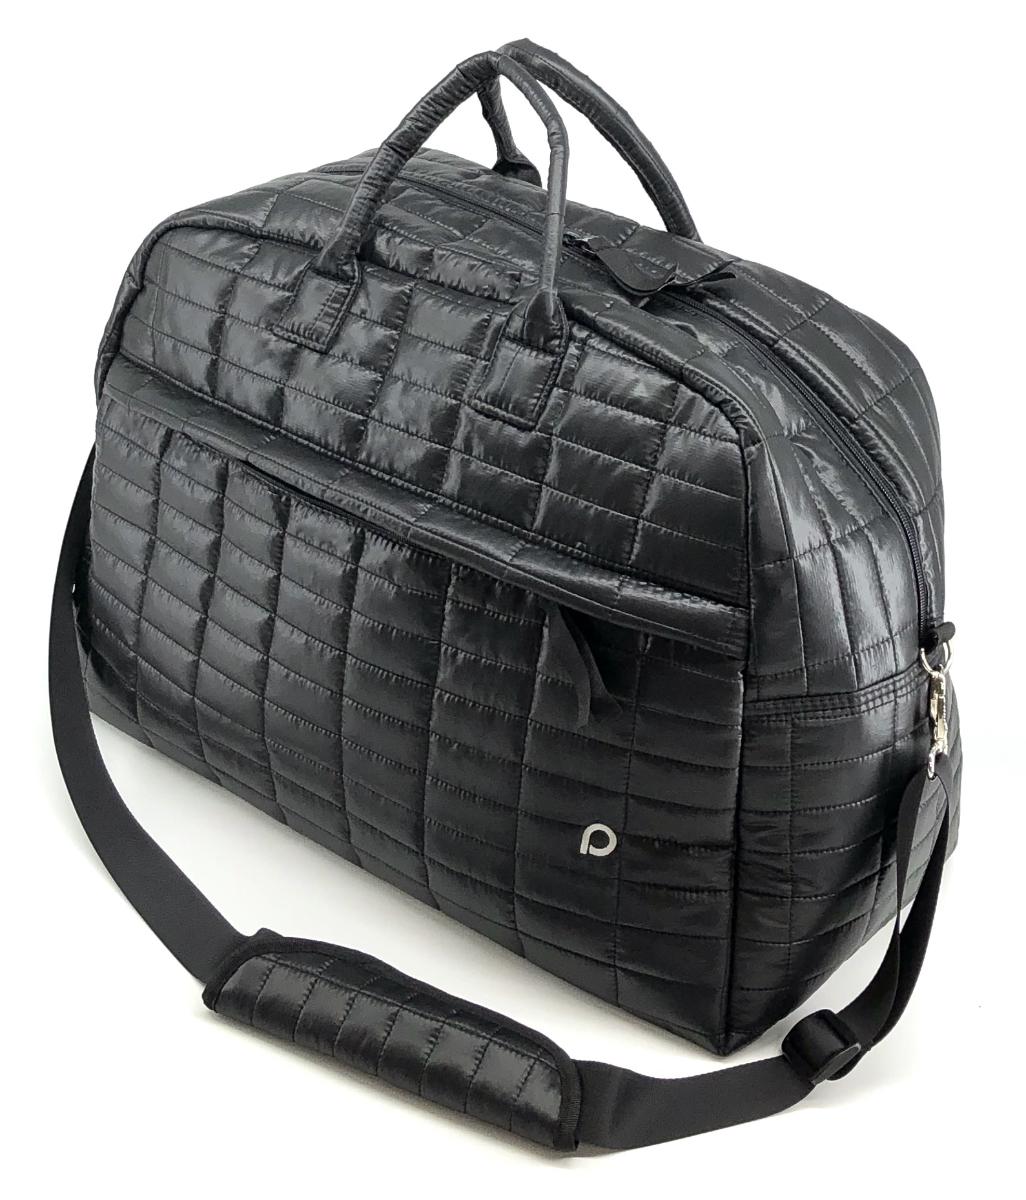 kliknutít zobrazíte maximální velikost obrázku cestovní taška Block